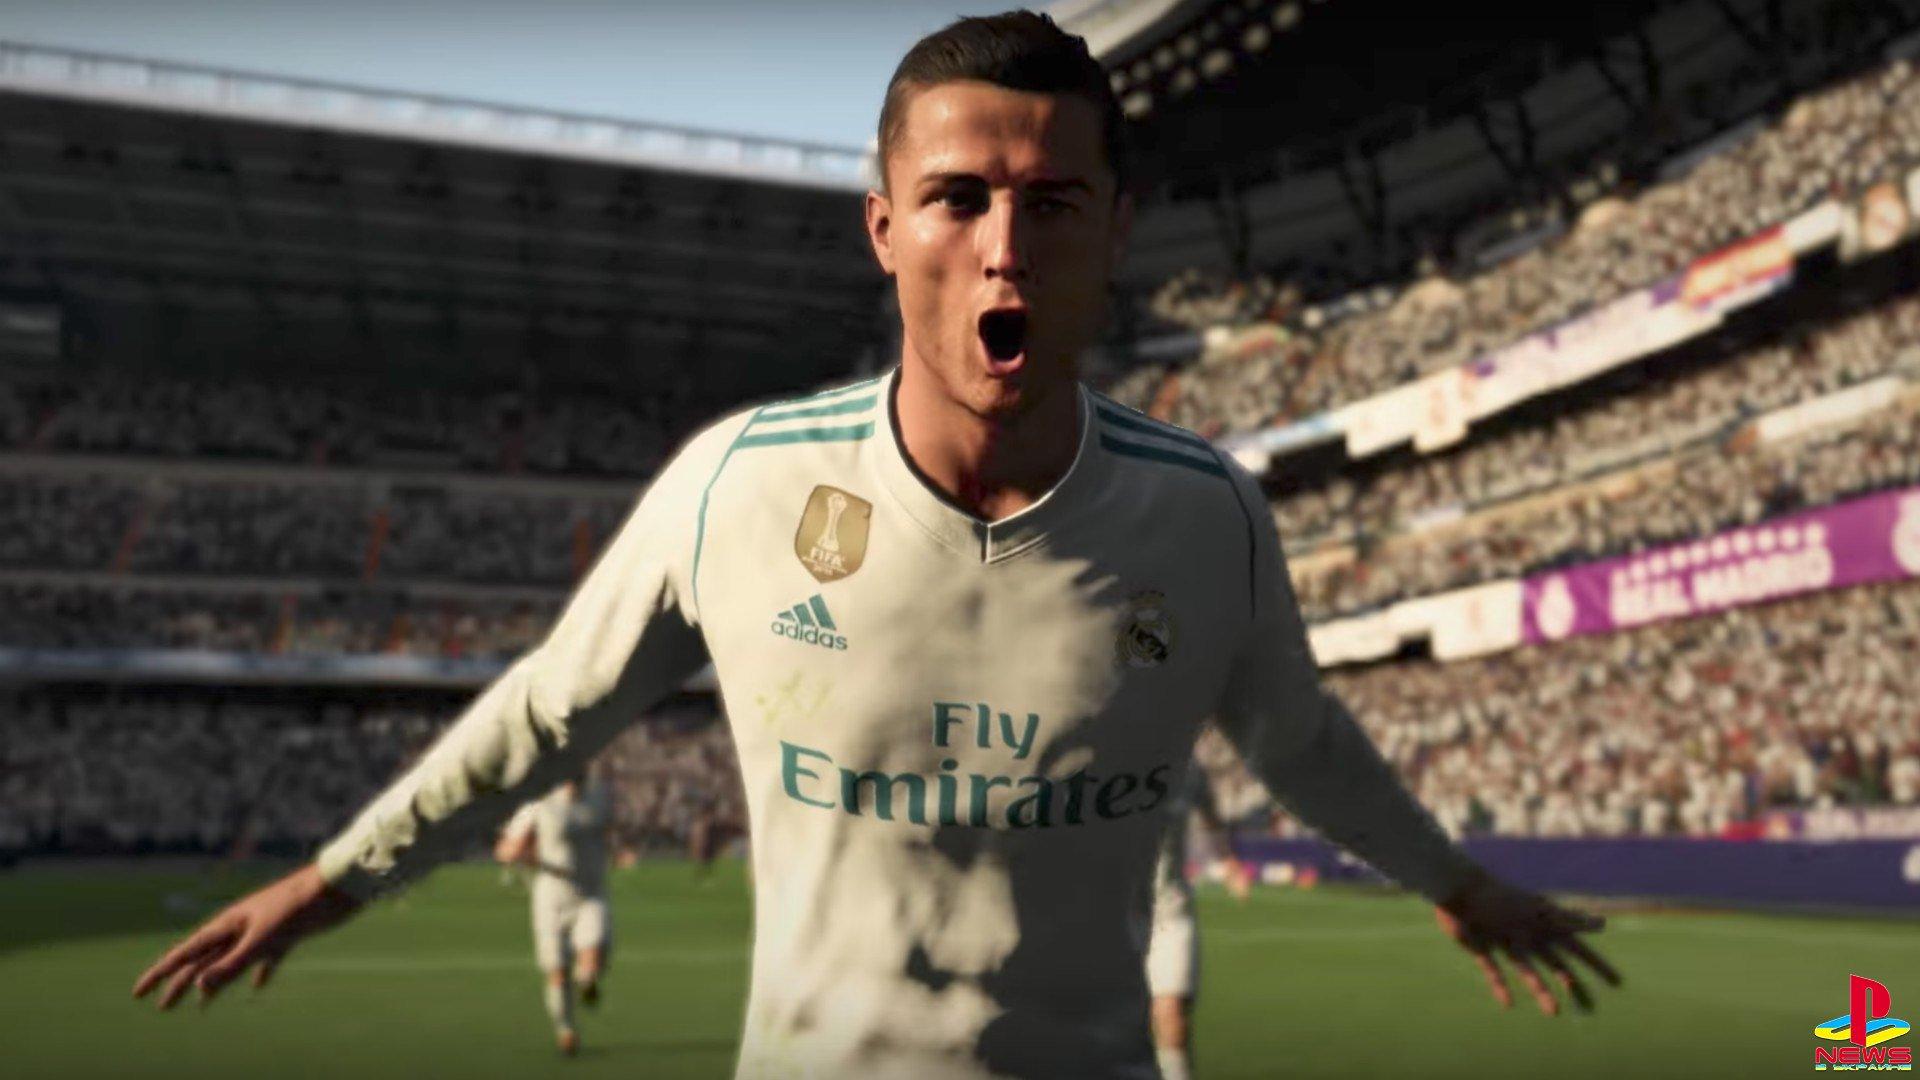 Фанаты FIFA 18 призвали бойкотировать микротранзакции